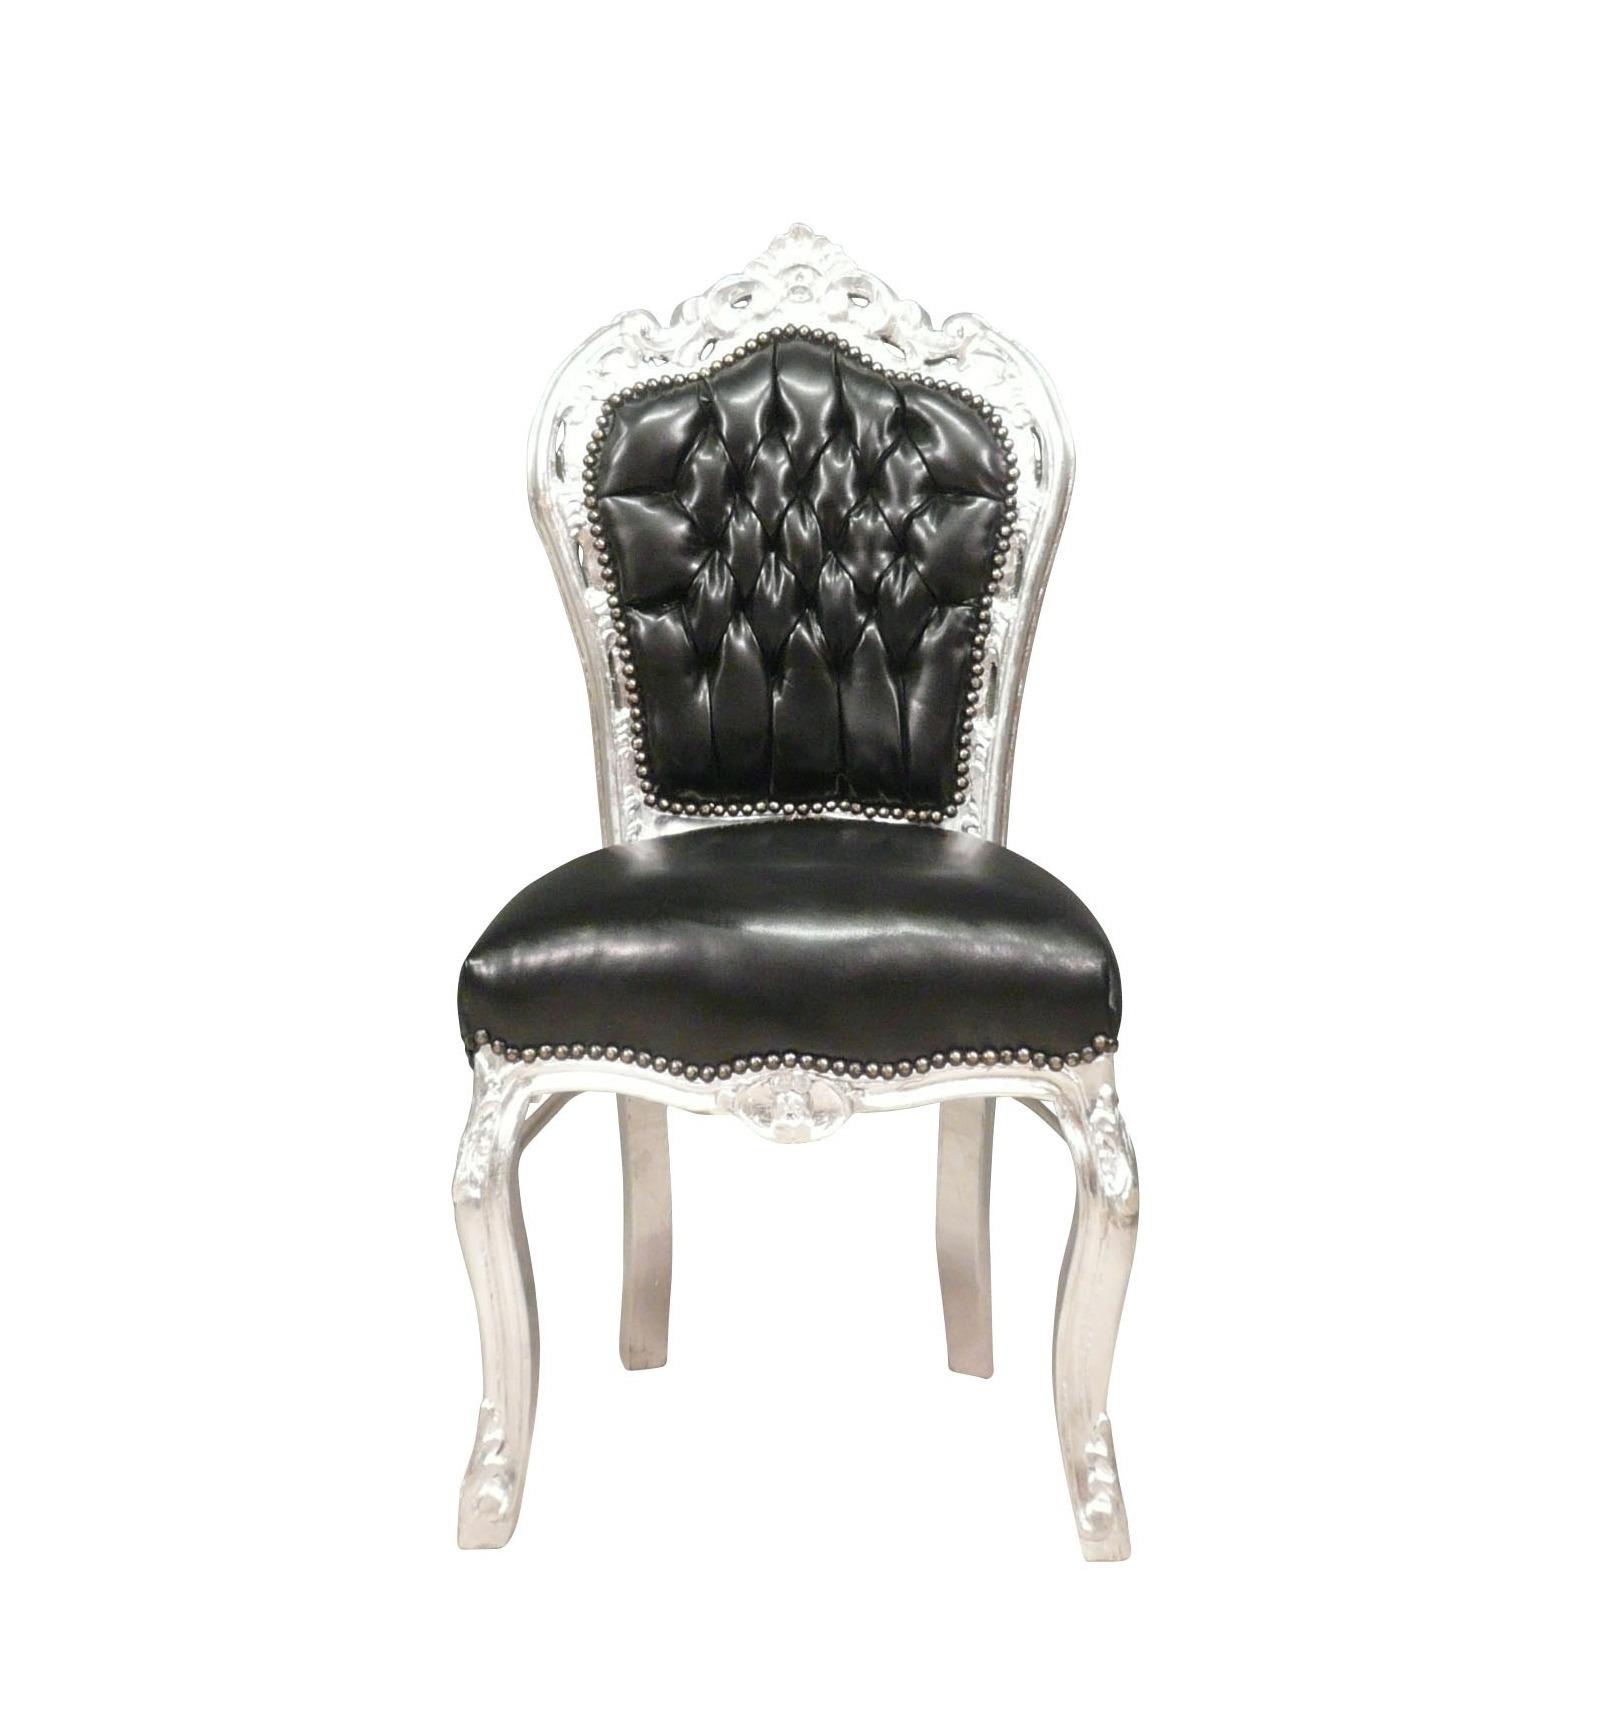 stuhl barock schwarz und silber aus kunstleder. Black Bedroom Furniture Sets. Home Design Ideas